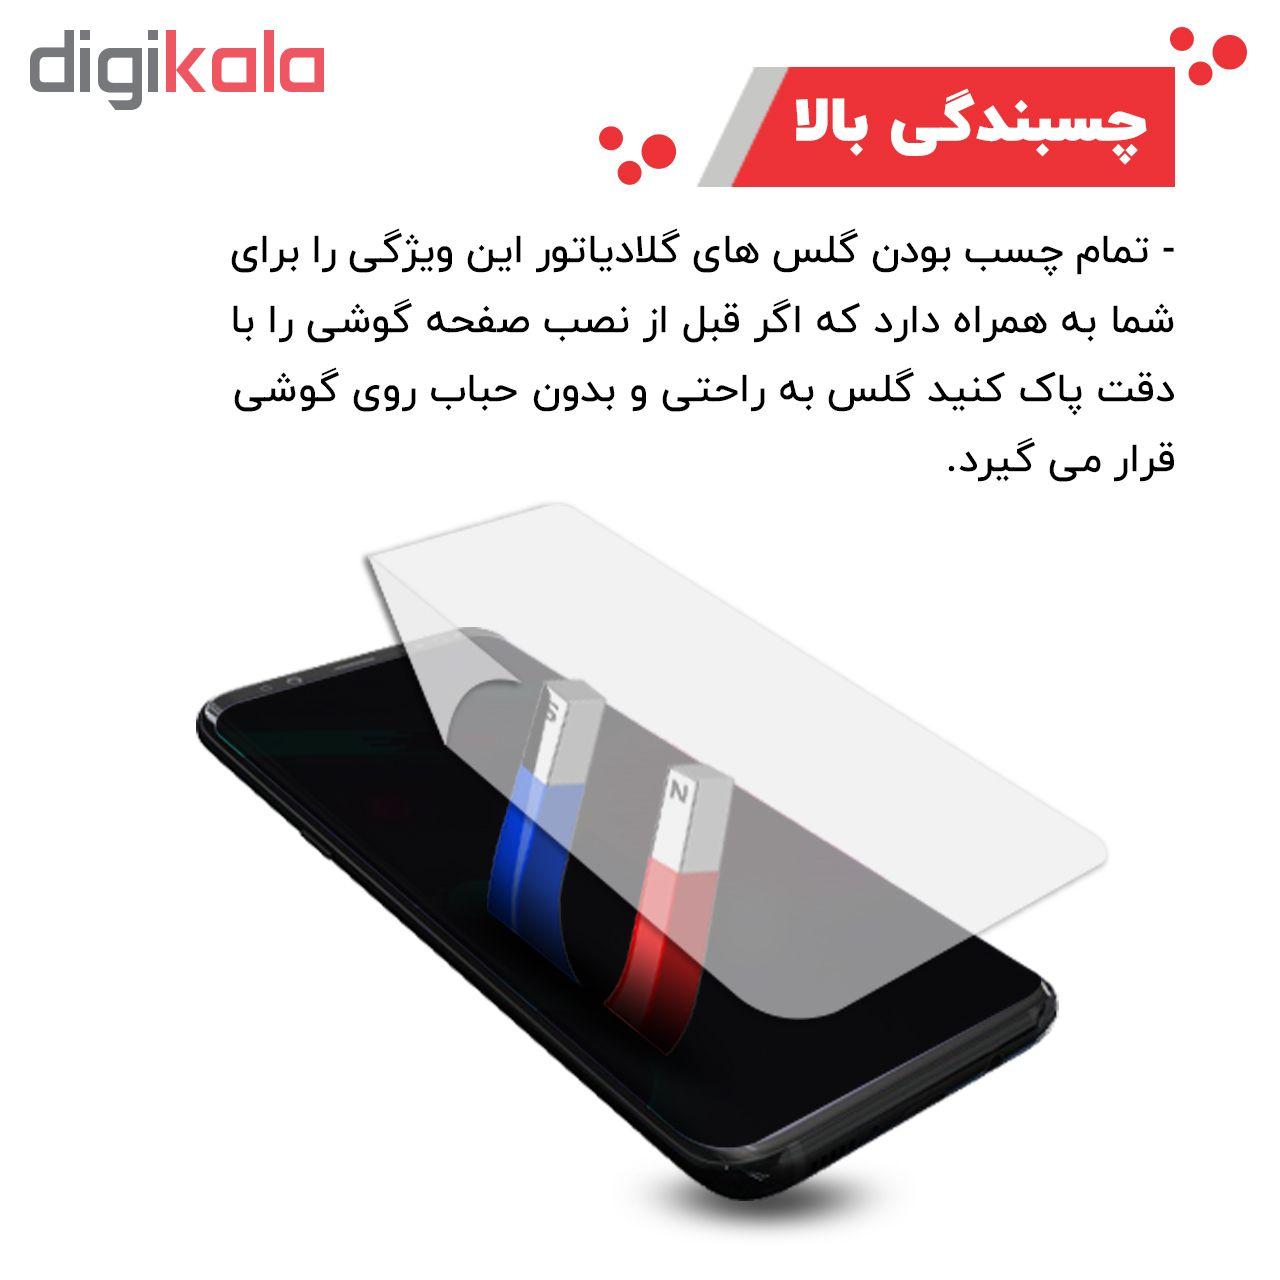 محافظ صفحه نمایش گلادیاتور مدل GPH1000 مناسب برای گوشی موبایل هوآوی Y9 2019 thumb 2 4